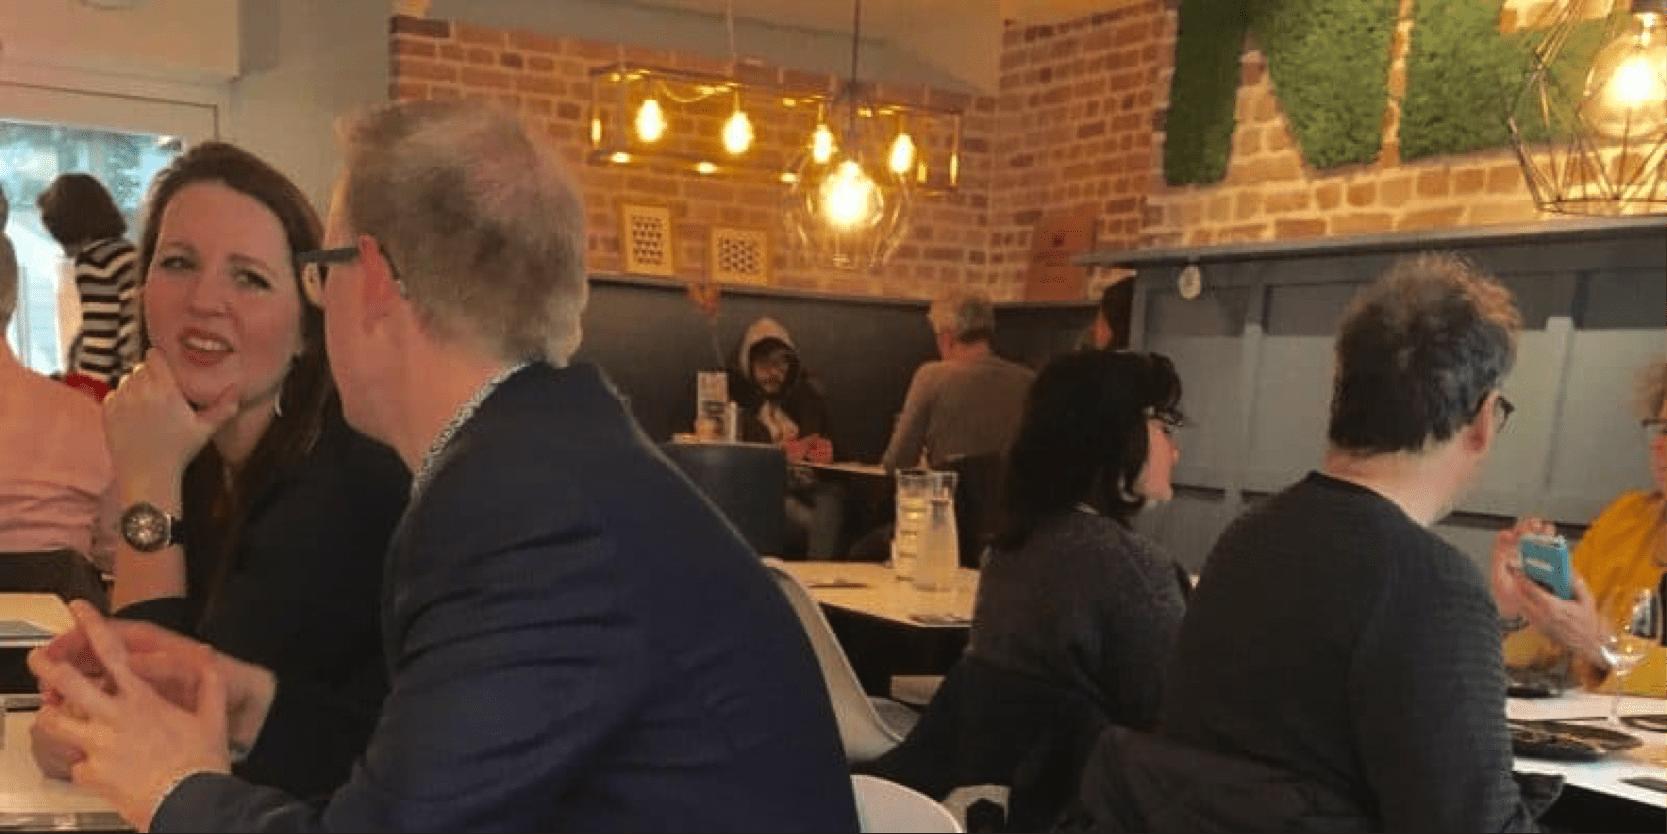 horeca tips, meer omzet in de horeca, restaurant adviseurs